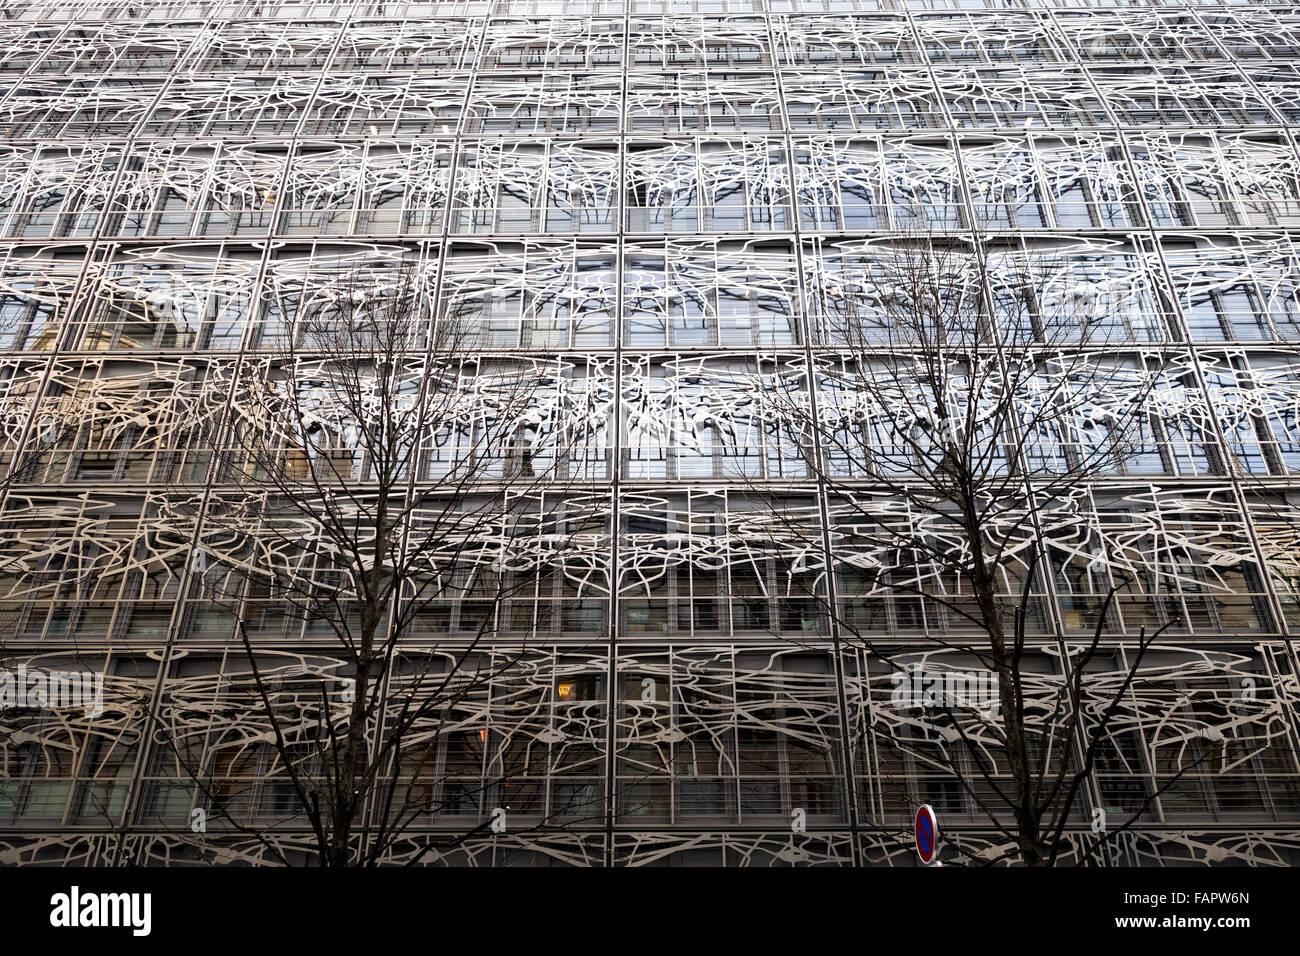 Decorazione in metallo in stile Art Nouveau, sulla costruzione di Ministero della Cultura e della comunicazione, Parigi, Francia. Foto Stock